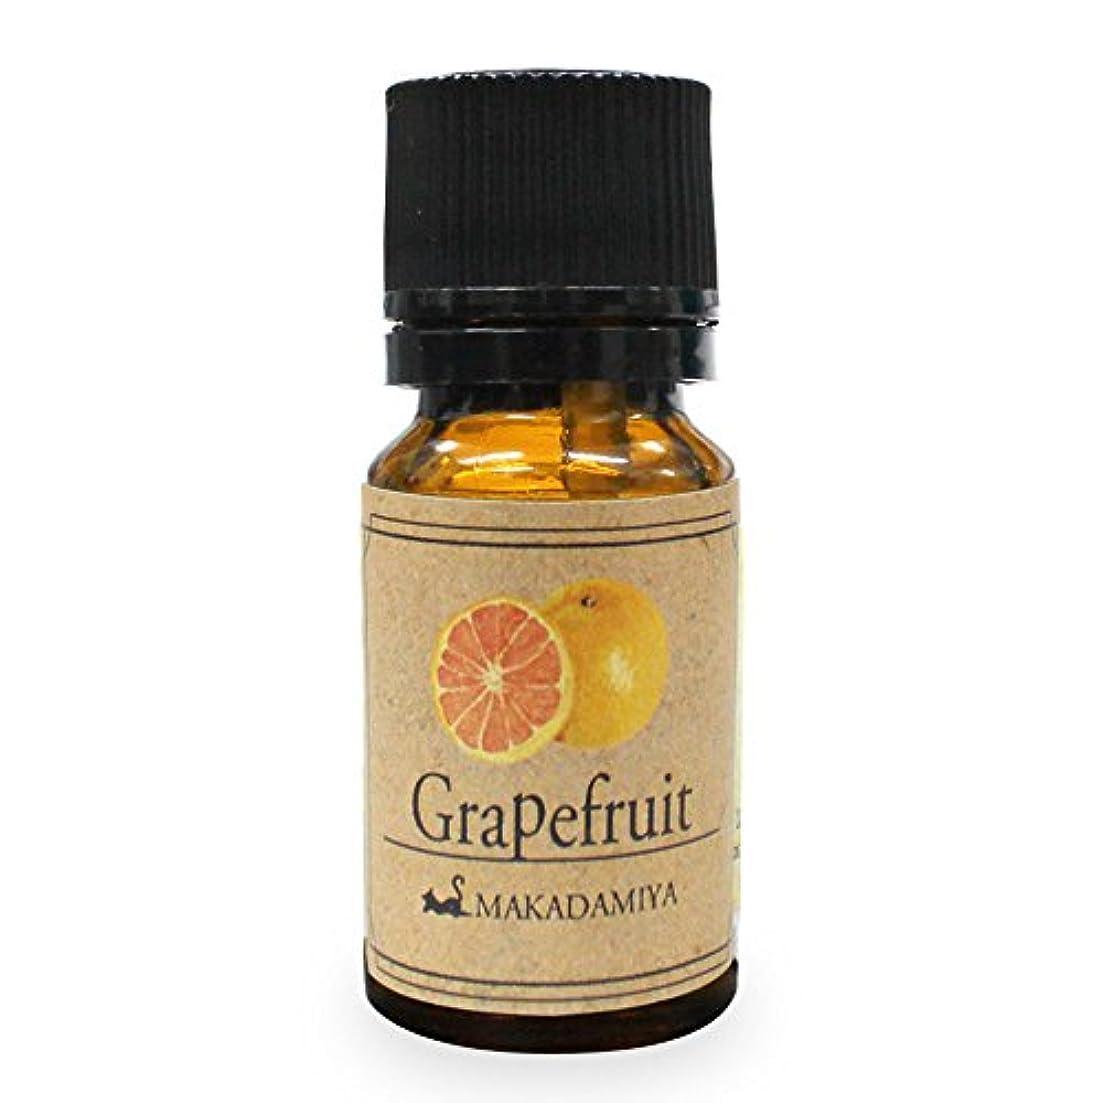 割合ジュースアッパーグレープフルーツ10ml 天然100%植物性 エッセンシャルオイル(精油) アロマオイル アロママッサージ aroma Grapefruit